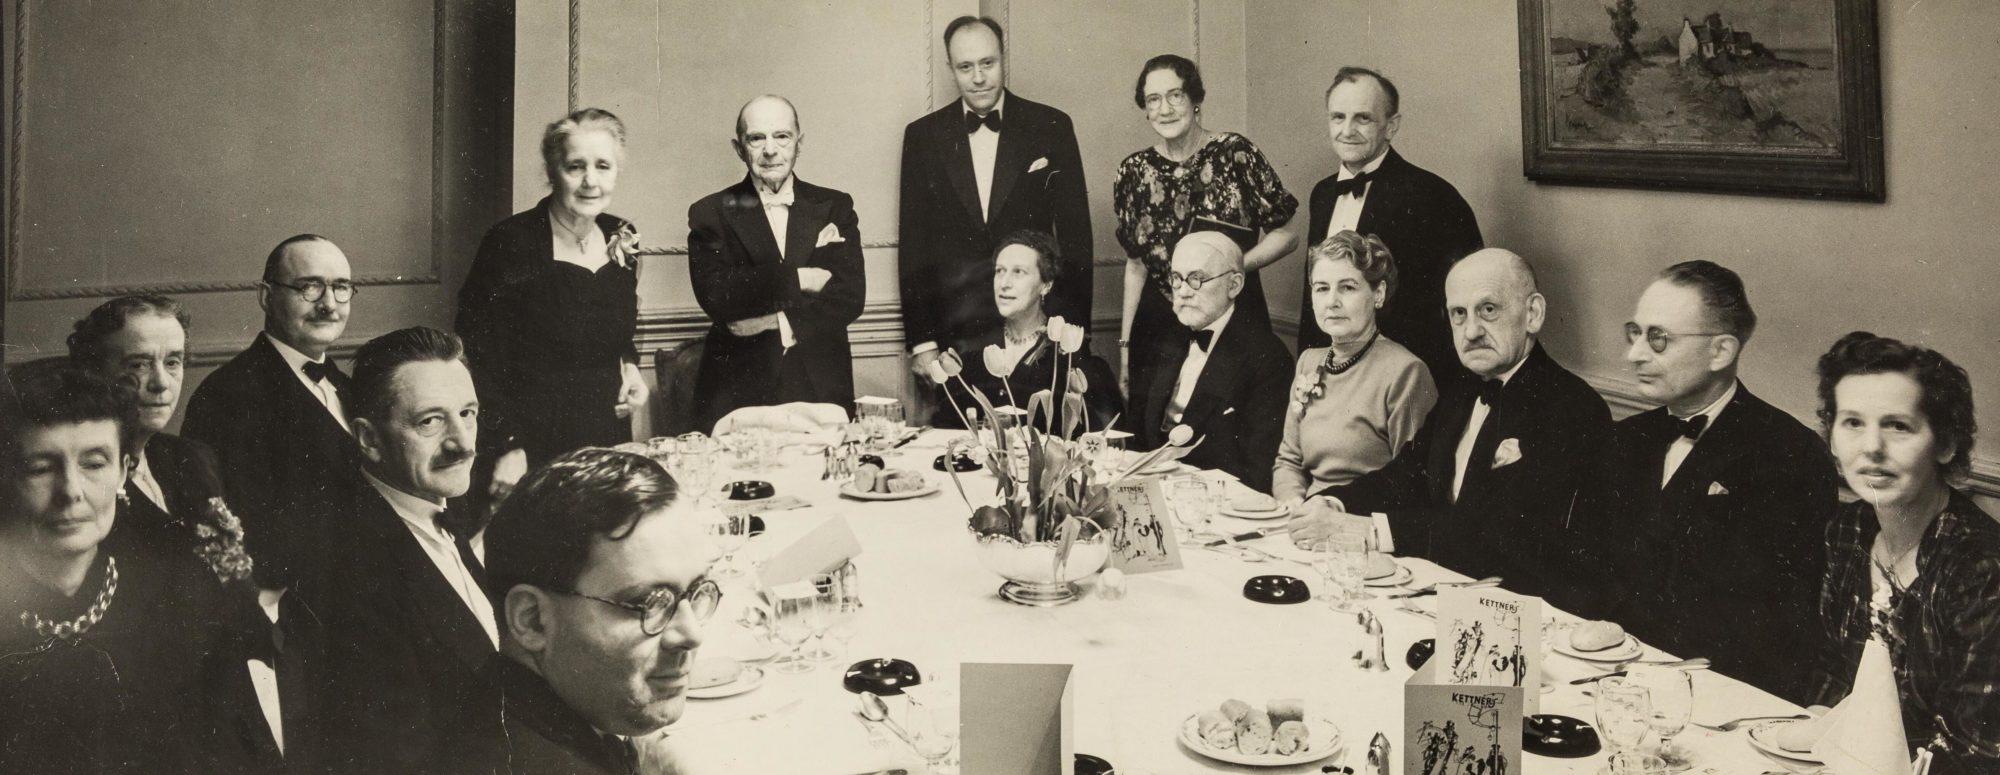 Cena por los 70 años de Klein en Kettner